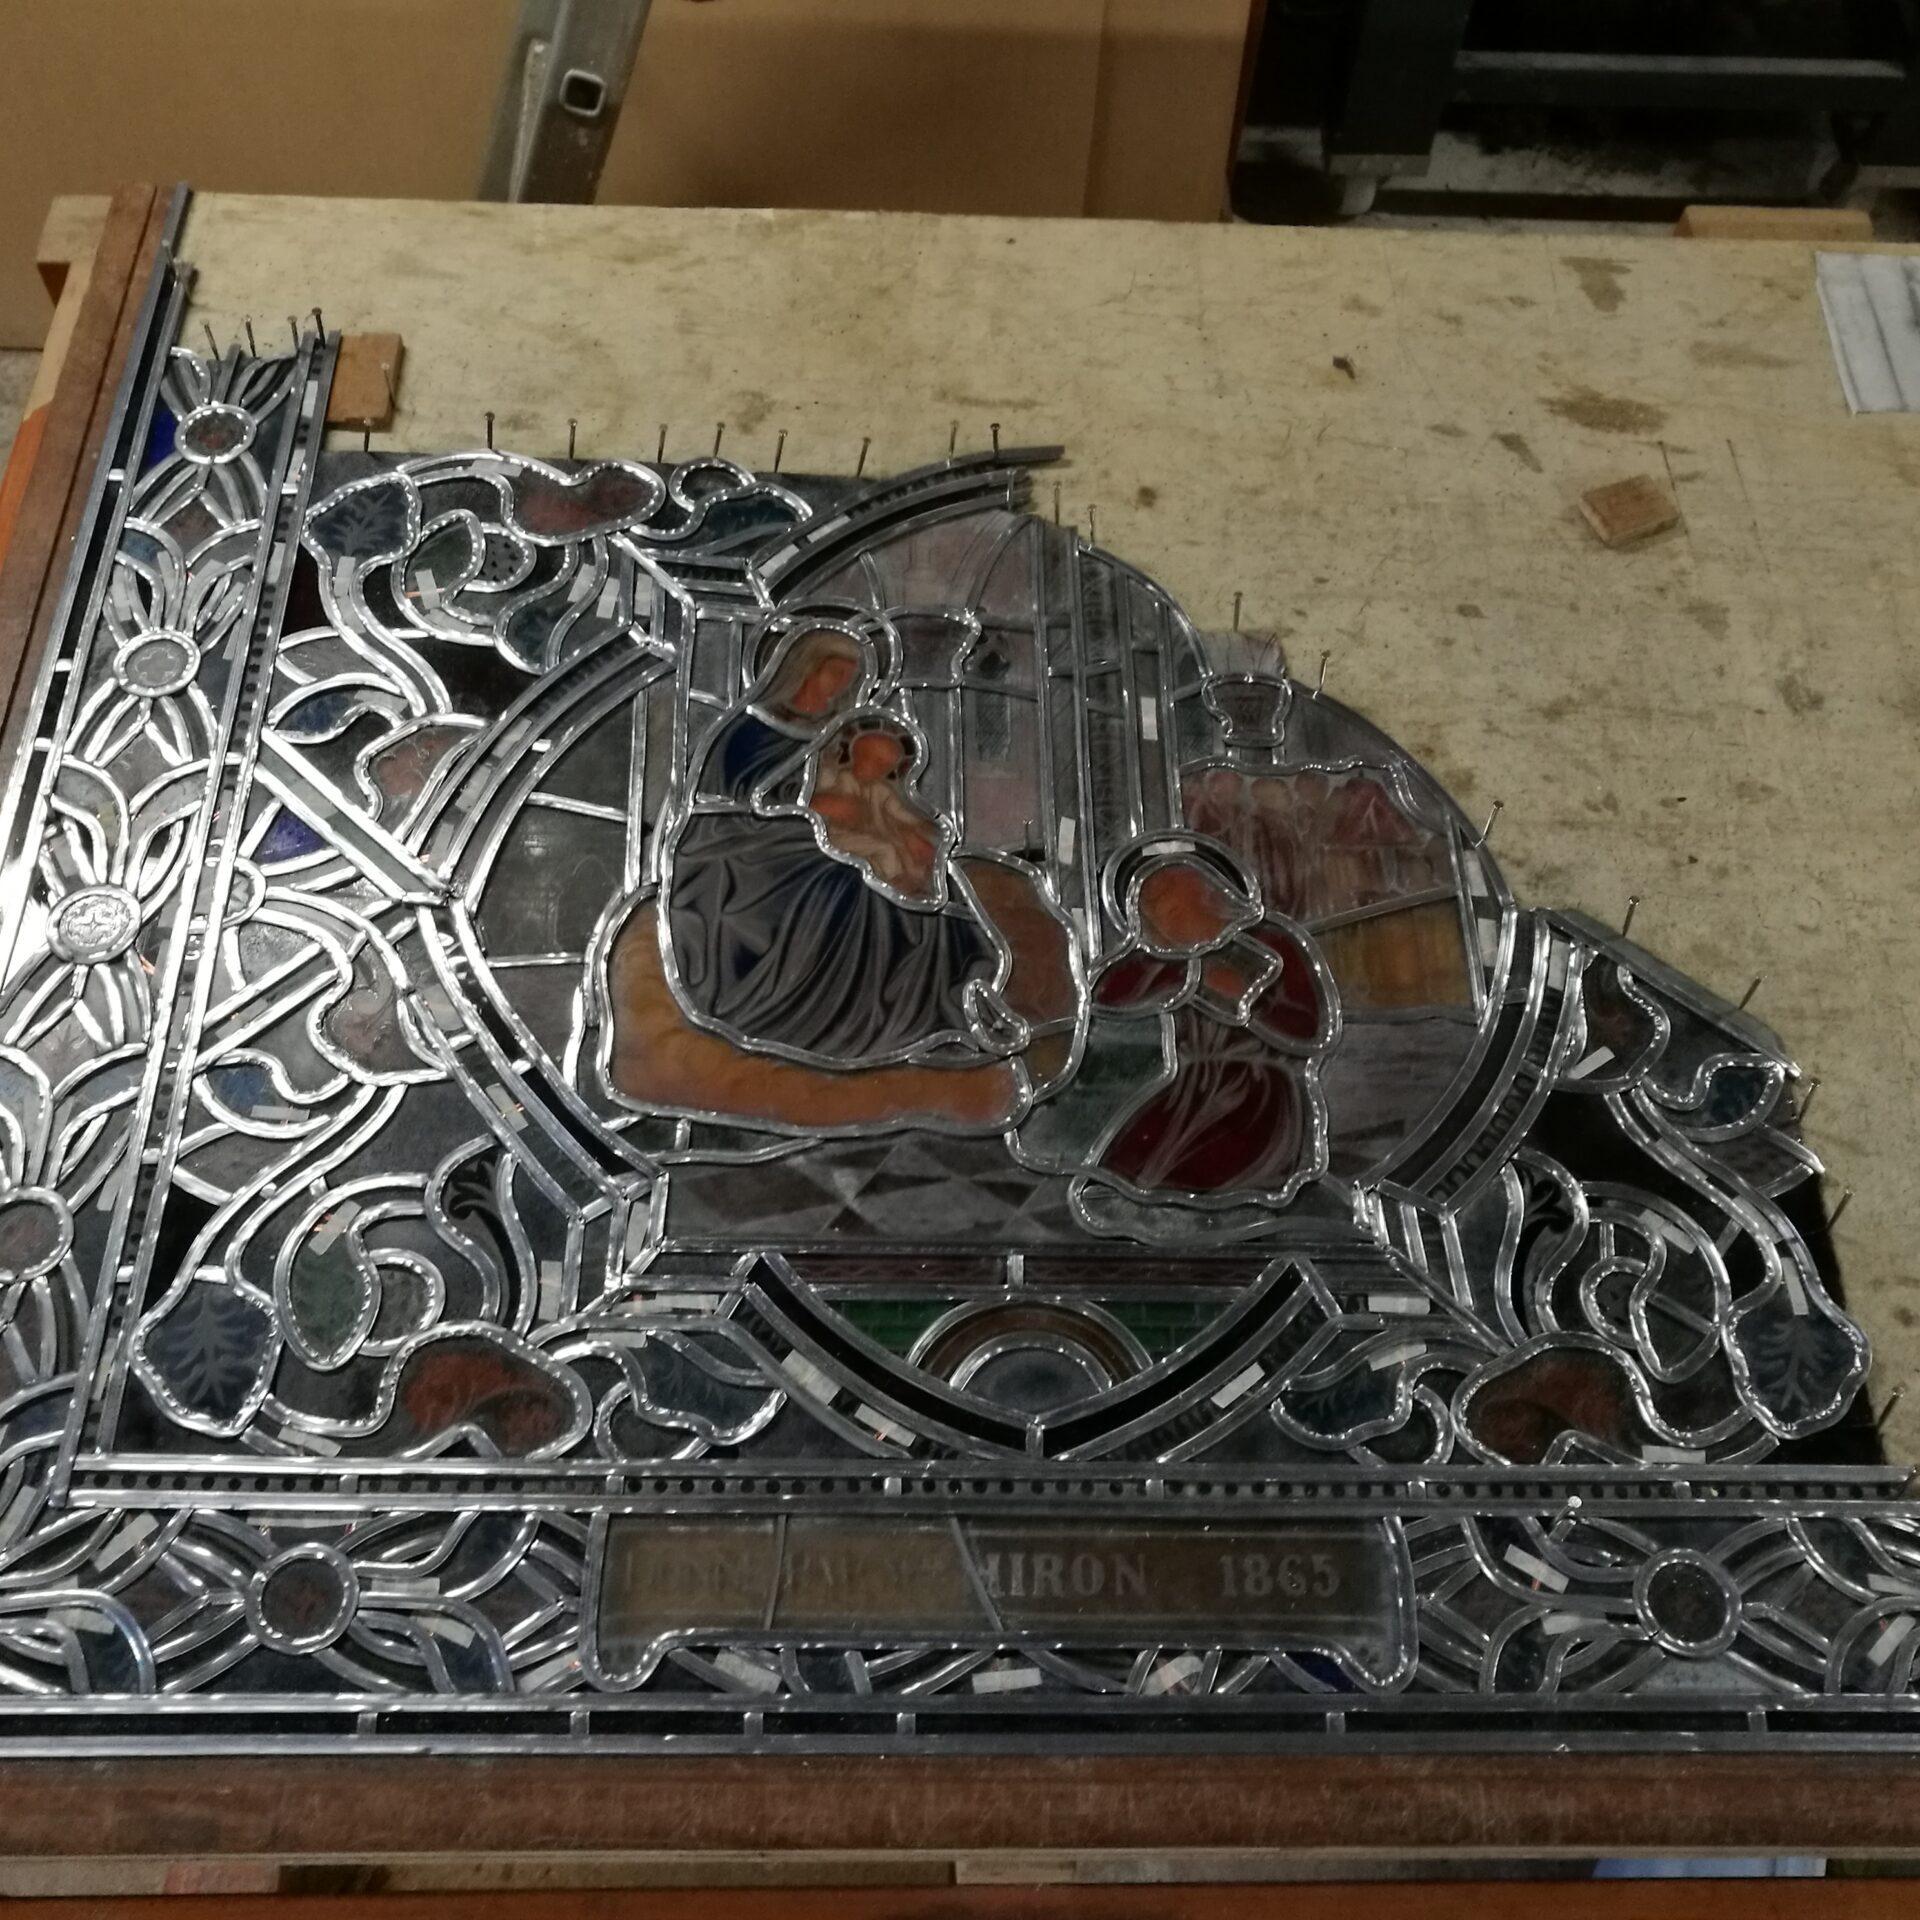 Atelier de vitrail Christian BEAUBREUIL vitrail en cours de réalisation